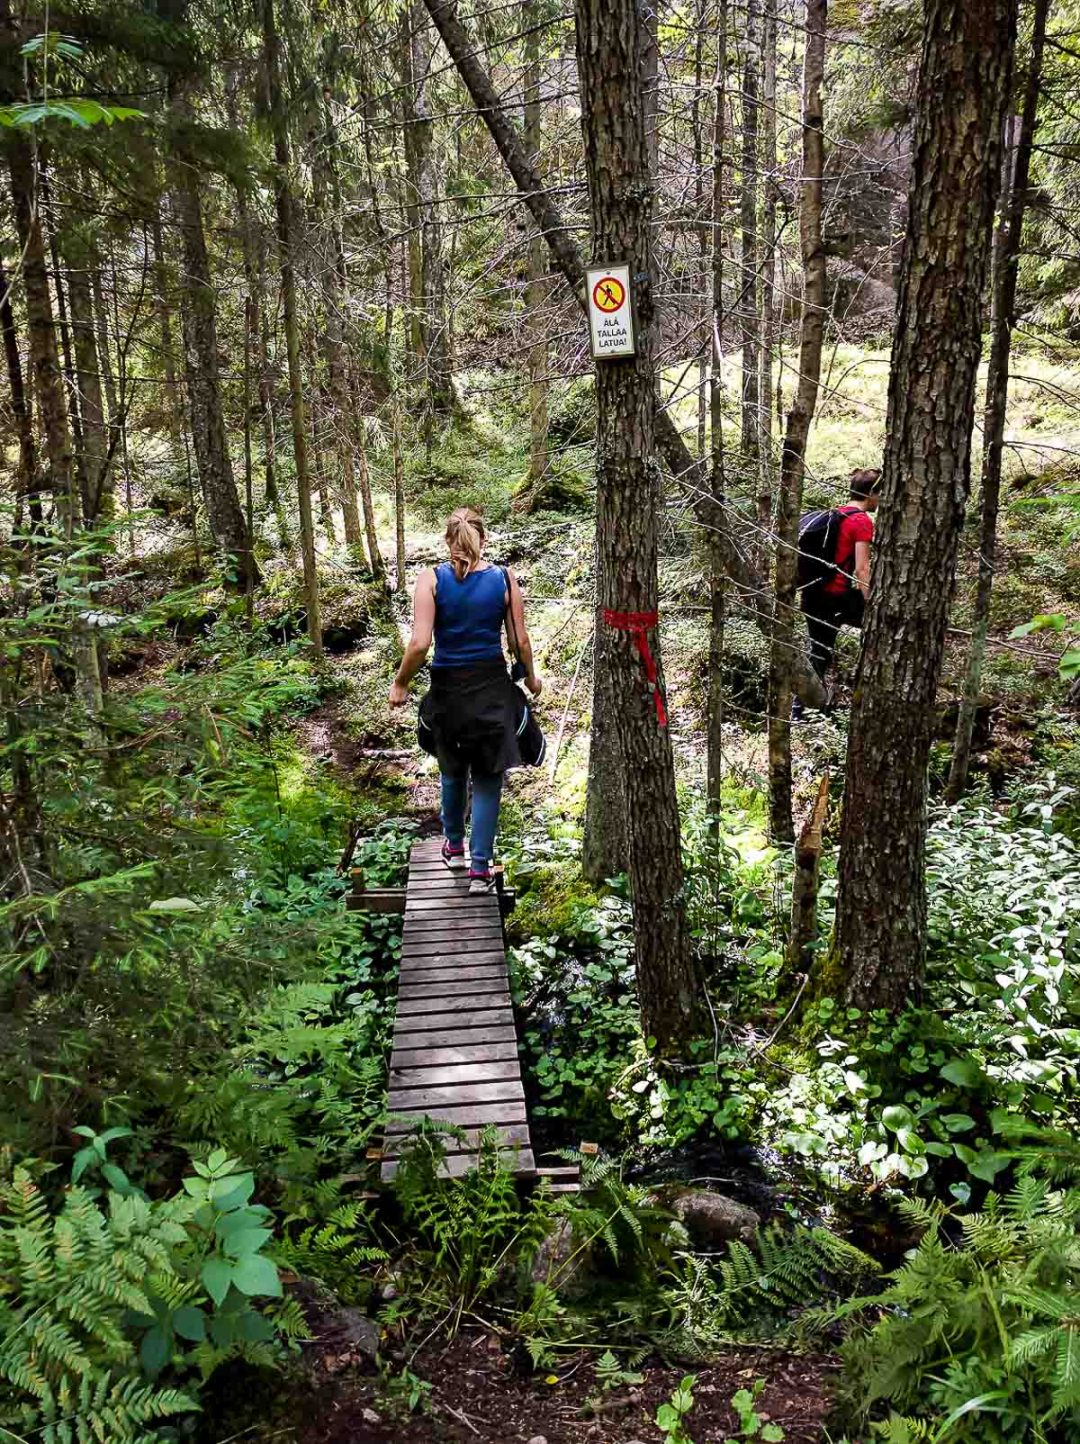 Woman walking on footbridge in forest in Espoo, Finland